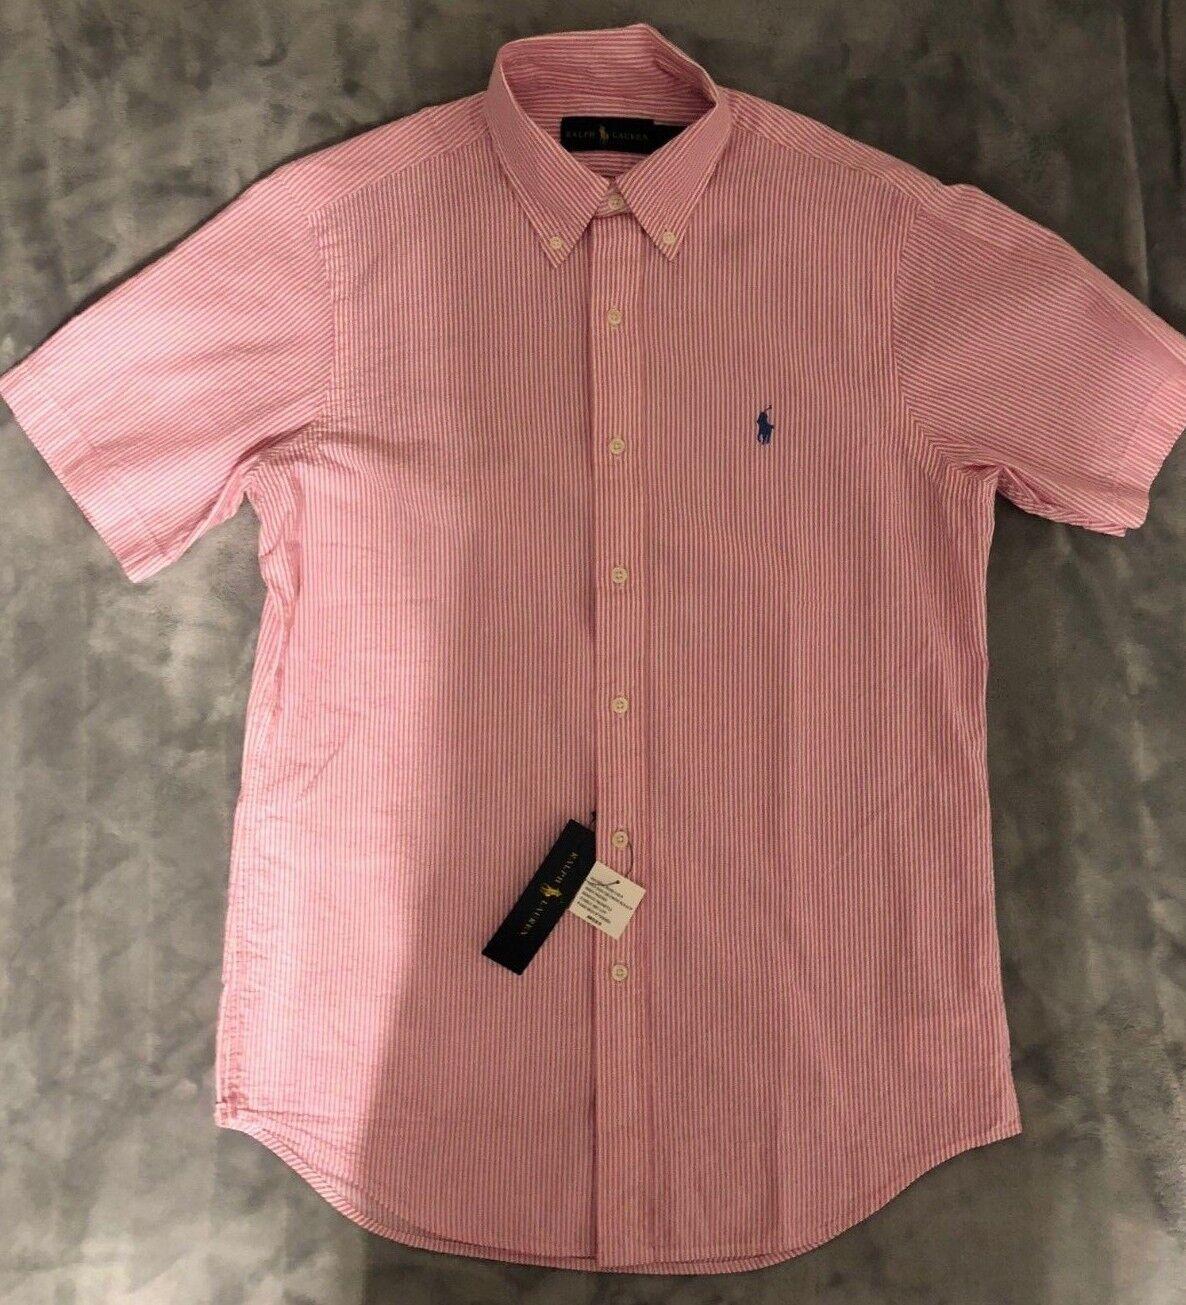 Polo Ralph Lauren Short Sleeves Shirt Brand New 2018